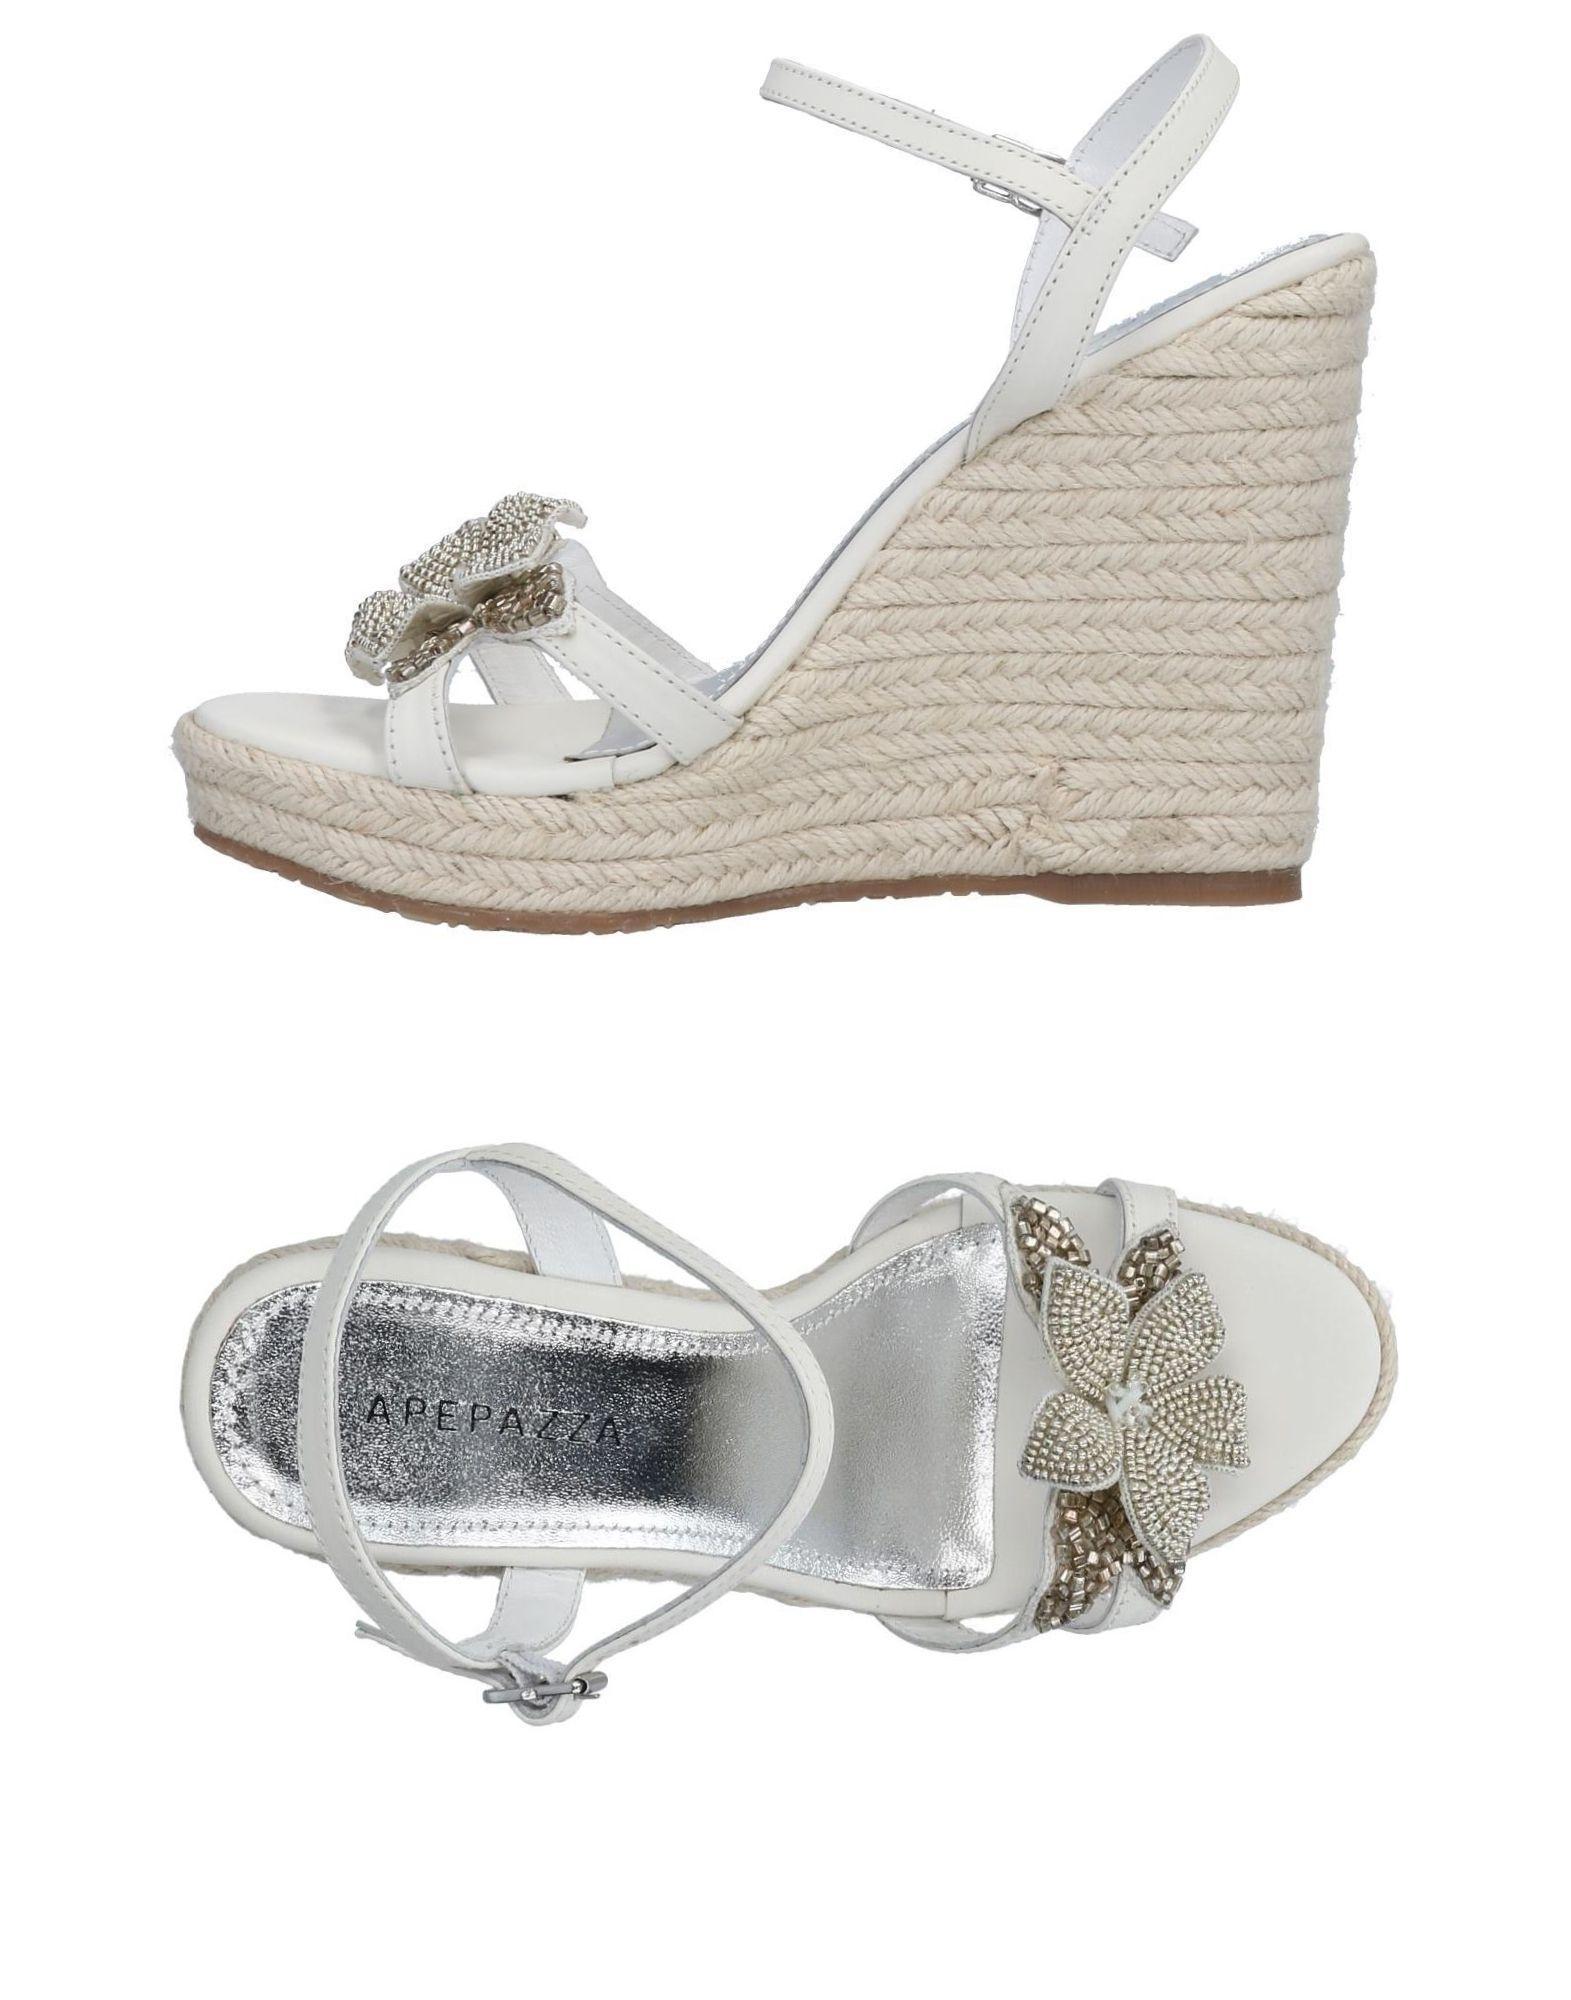 Apepazza Sandalen Damen  11481119WO Gute Qualität beliebte Schuhe